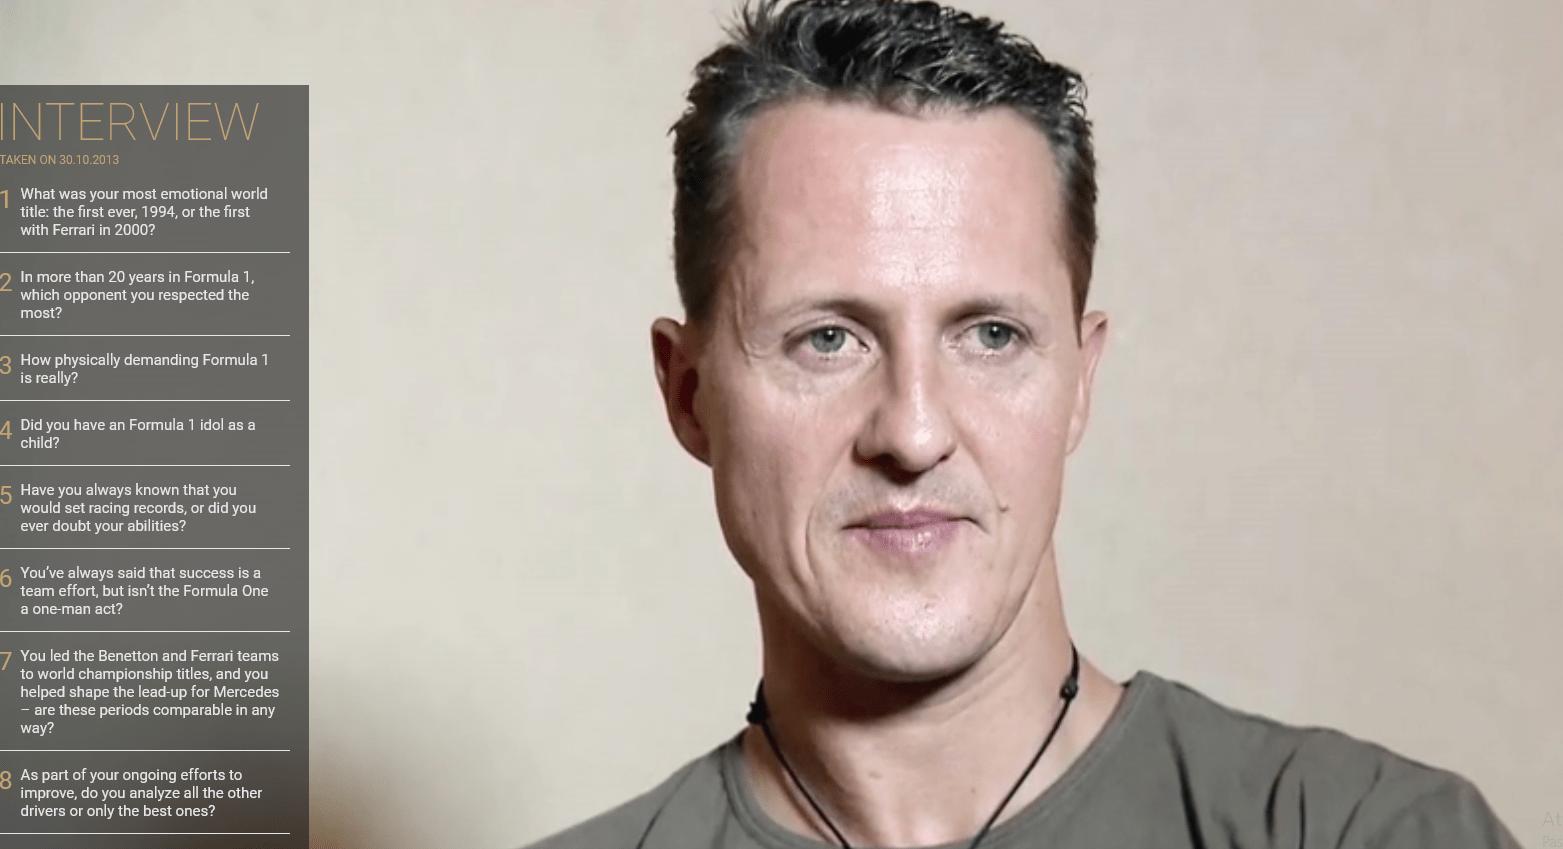 Schumacher e l'intervista inedita: 'La Ferrari, il ricordo più bello'